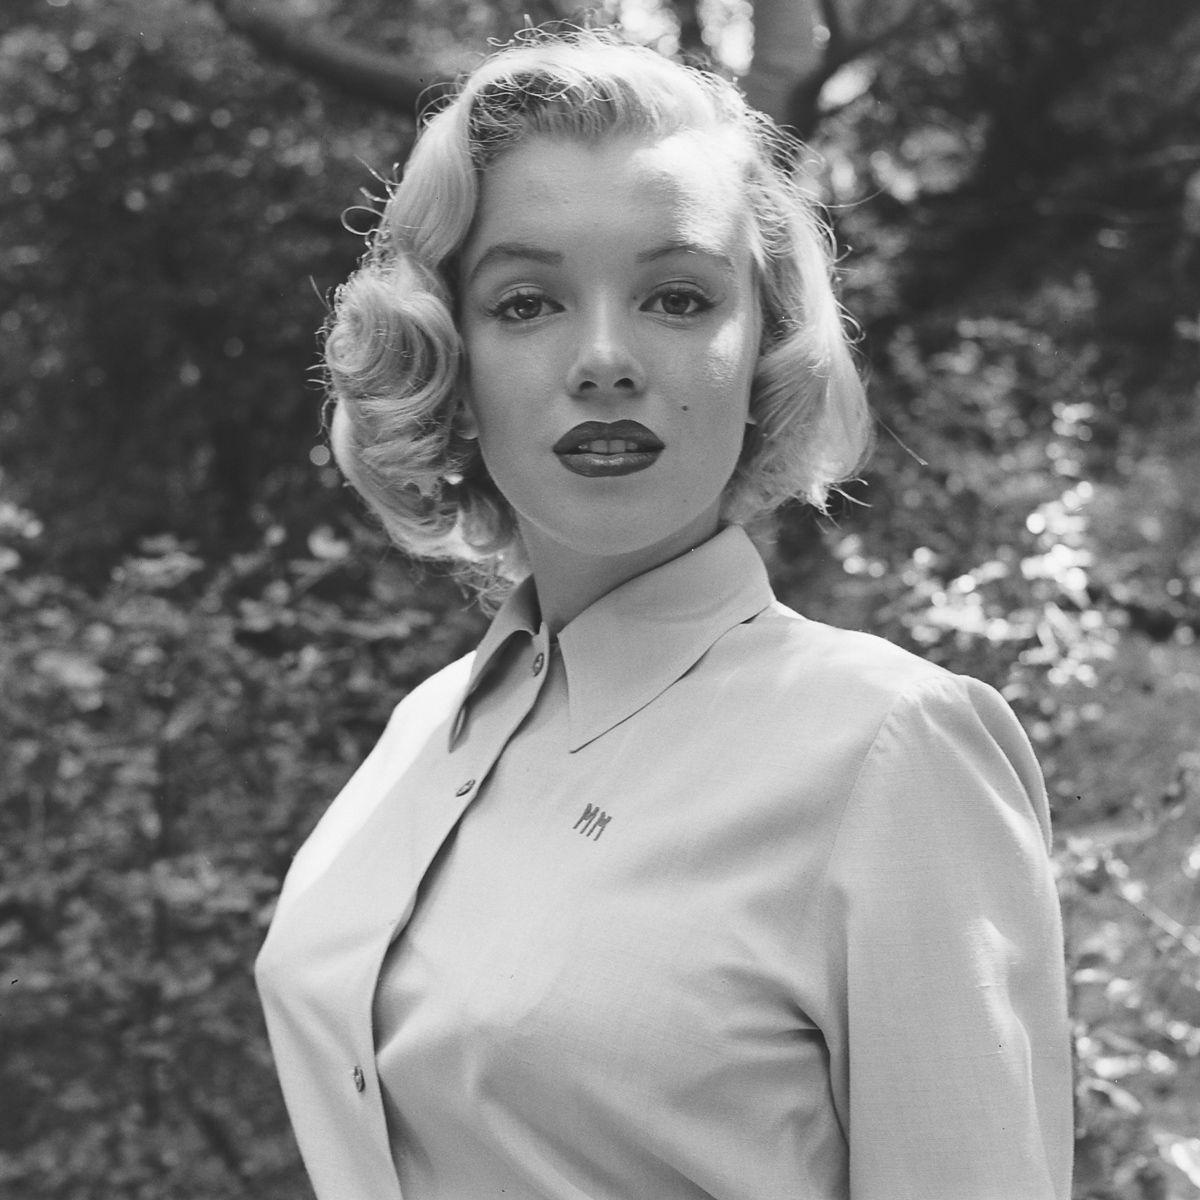 Fotos raras de Marilyn Monroe caminhando no bosque antes de ser famosa 12